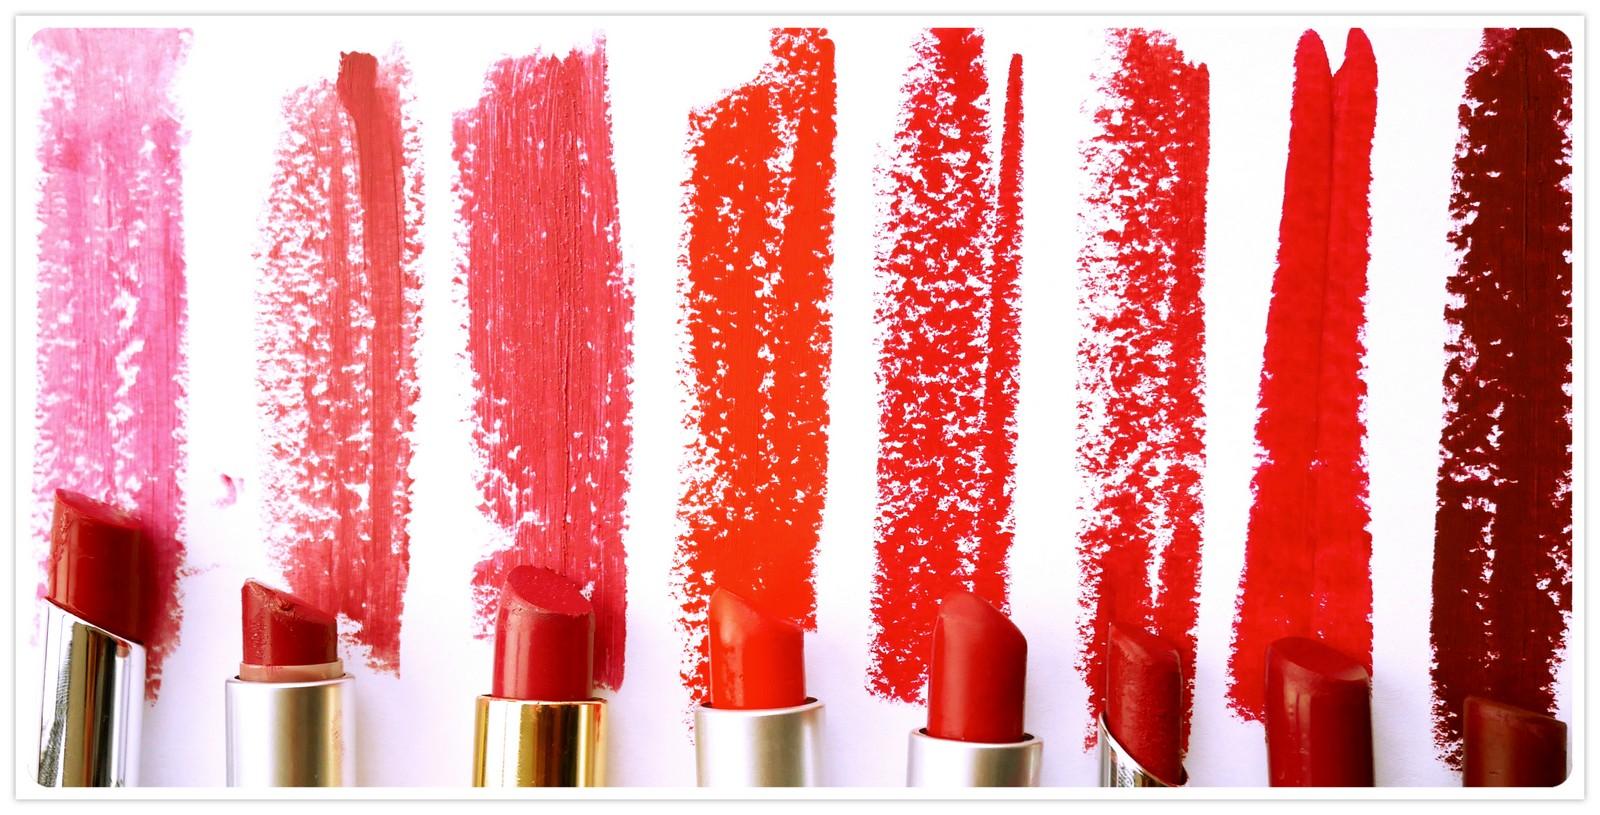 red-lipsticks-cum-sa-porti-un-ruj-rosu-denisasimam